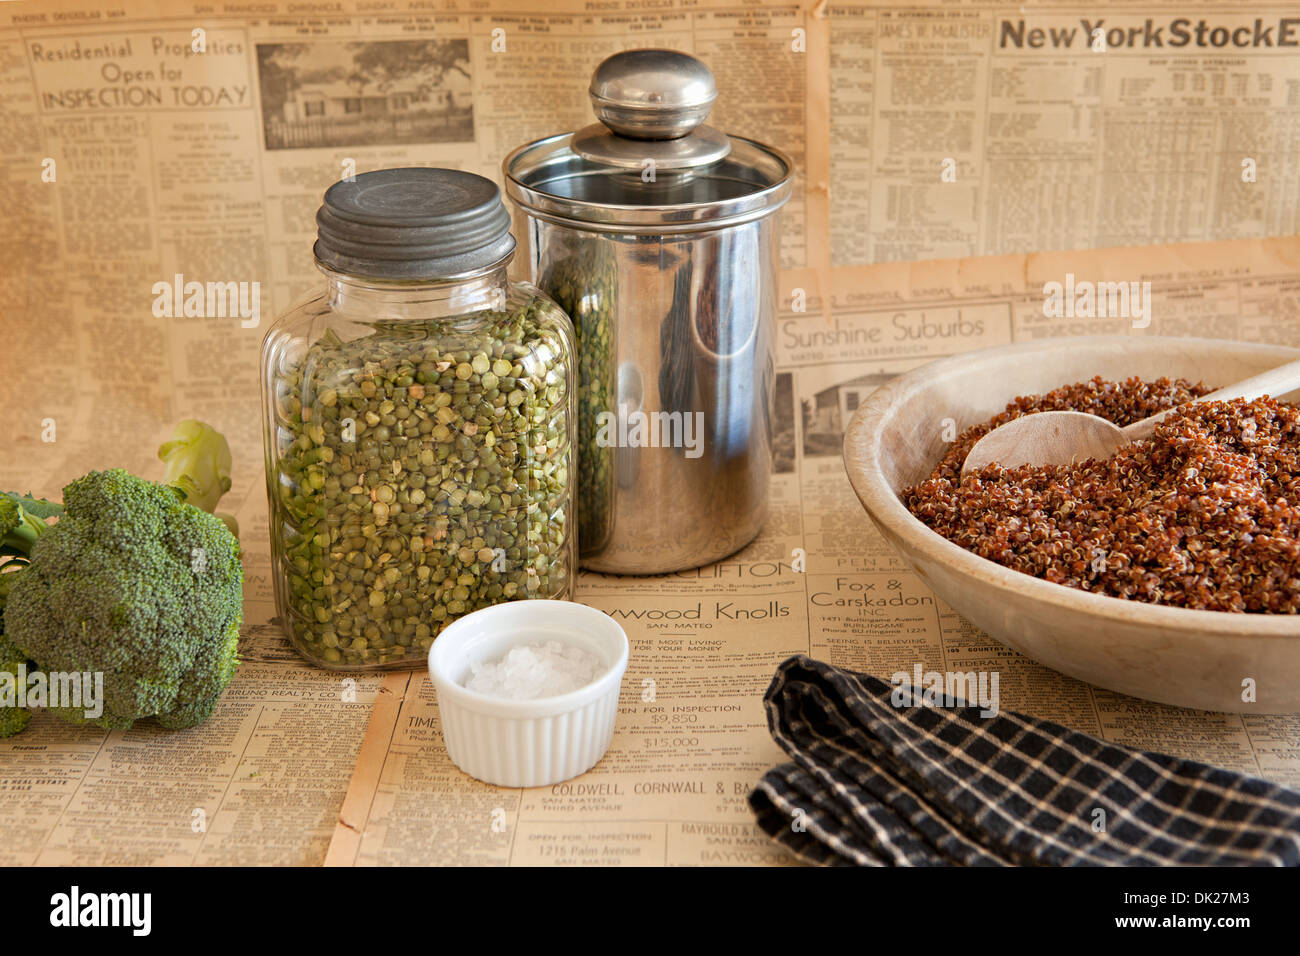 Kochen, Gewürze und Zutaten auf Retro-Zeitung Stockbild